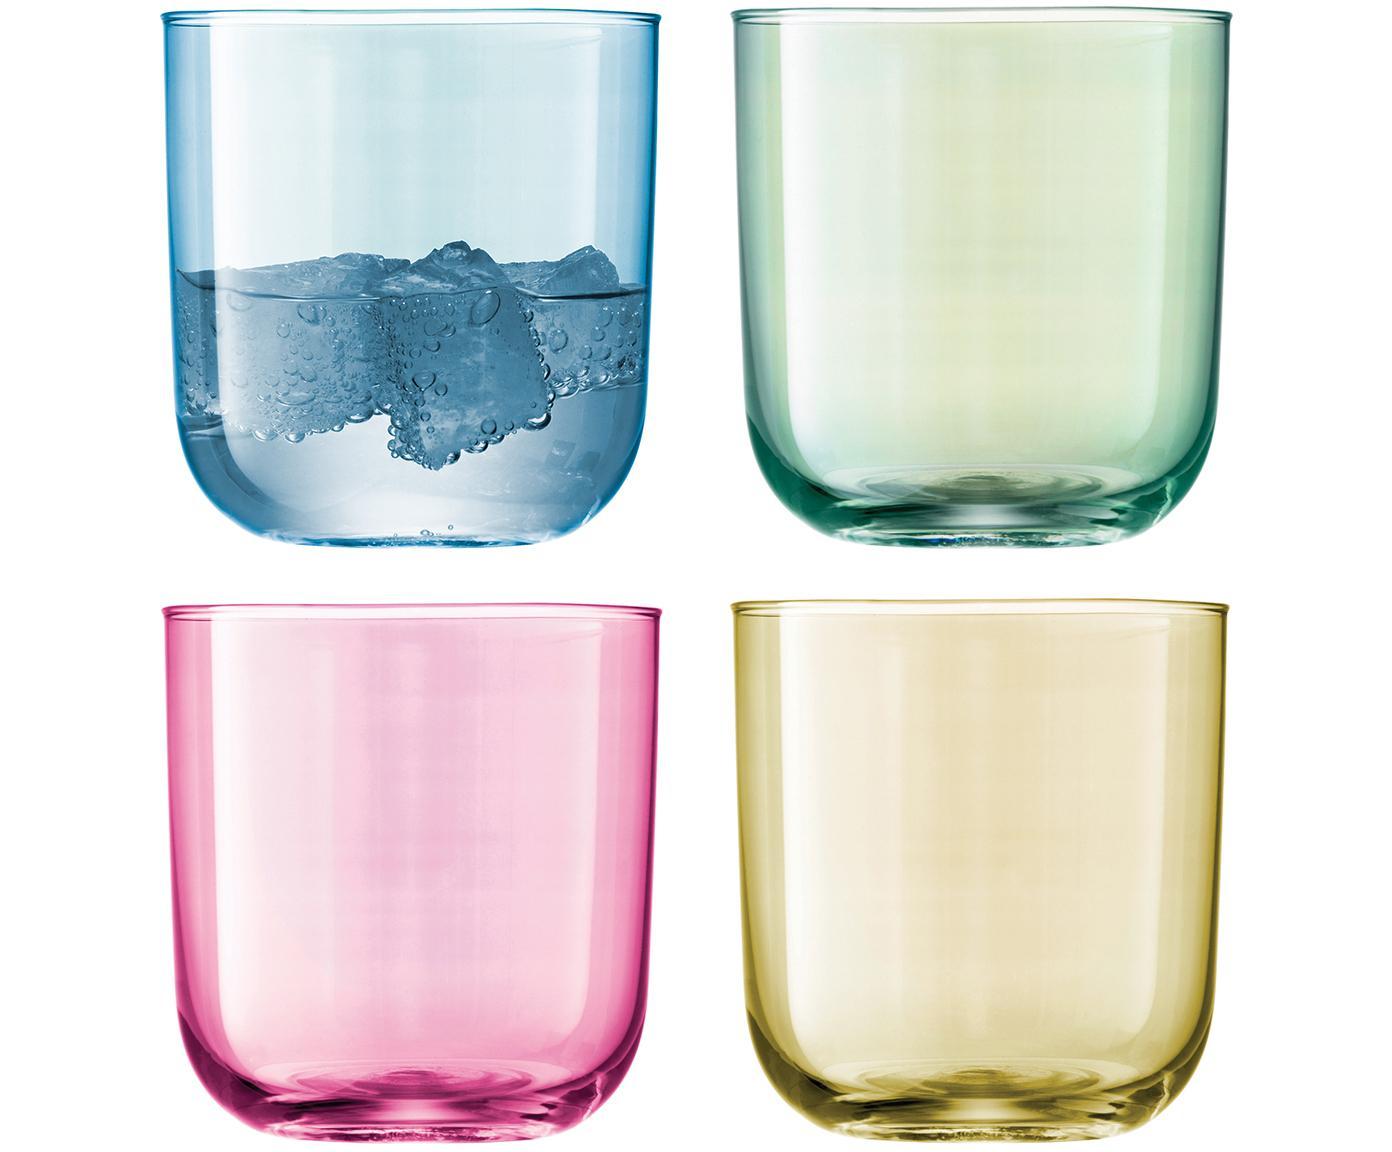 Komplet ręcznie malowanych szklanek do wody Polka, 4 elem., Szkło, Niebieski, zielony, różowy, żółty, Ø 9 x W 9 cm